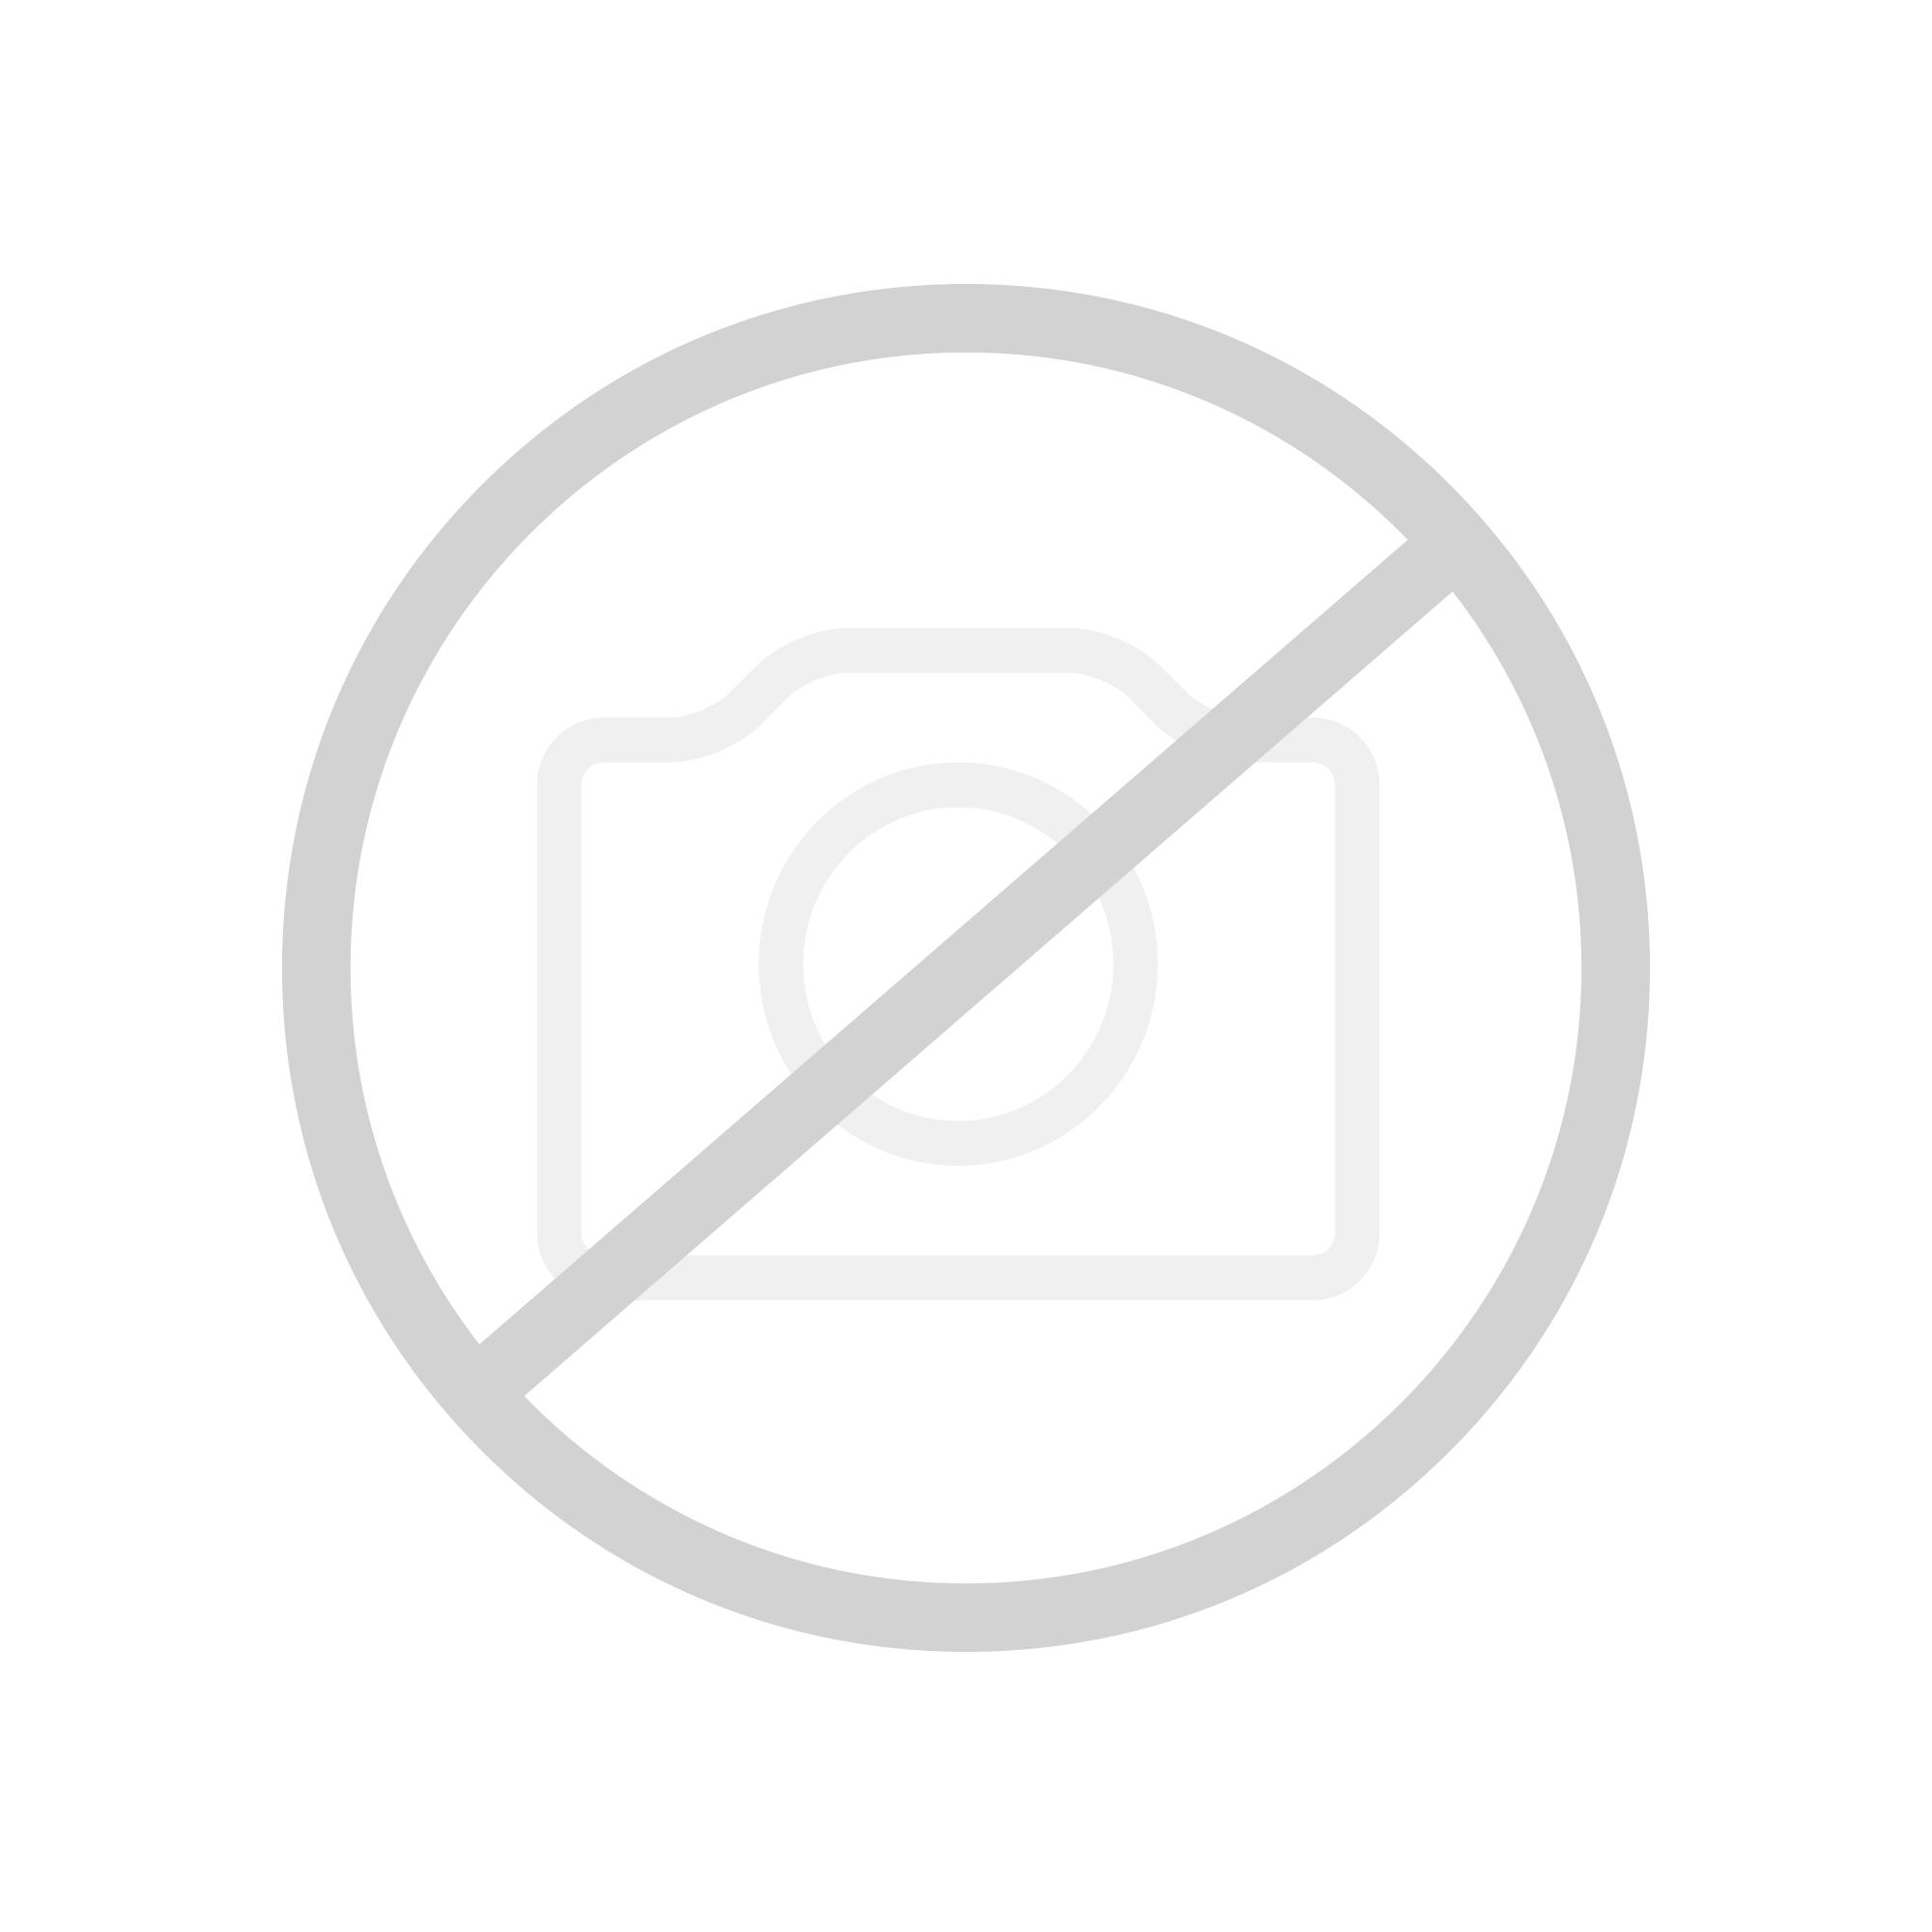 Grohe Essence Einhand-Waschtischbatterie DN15